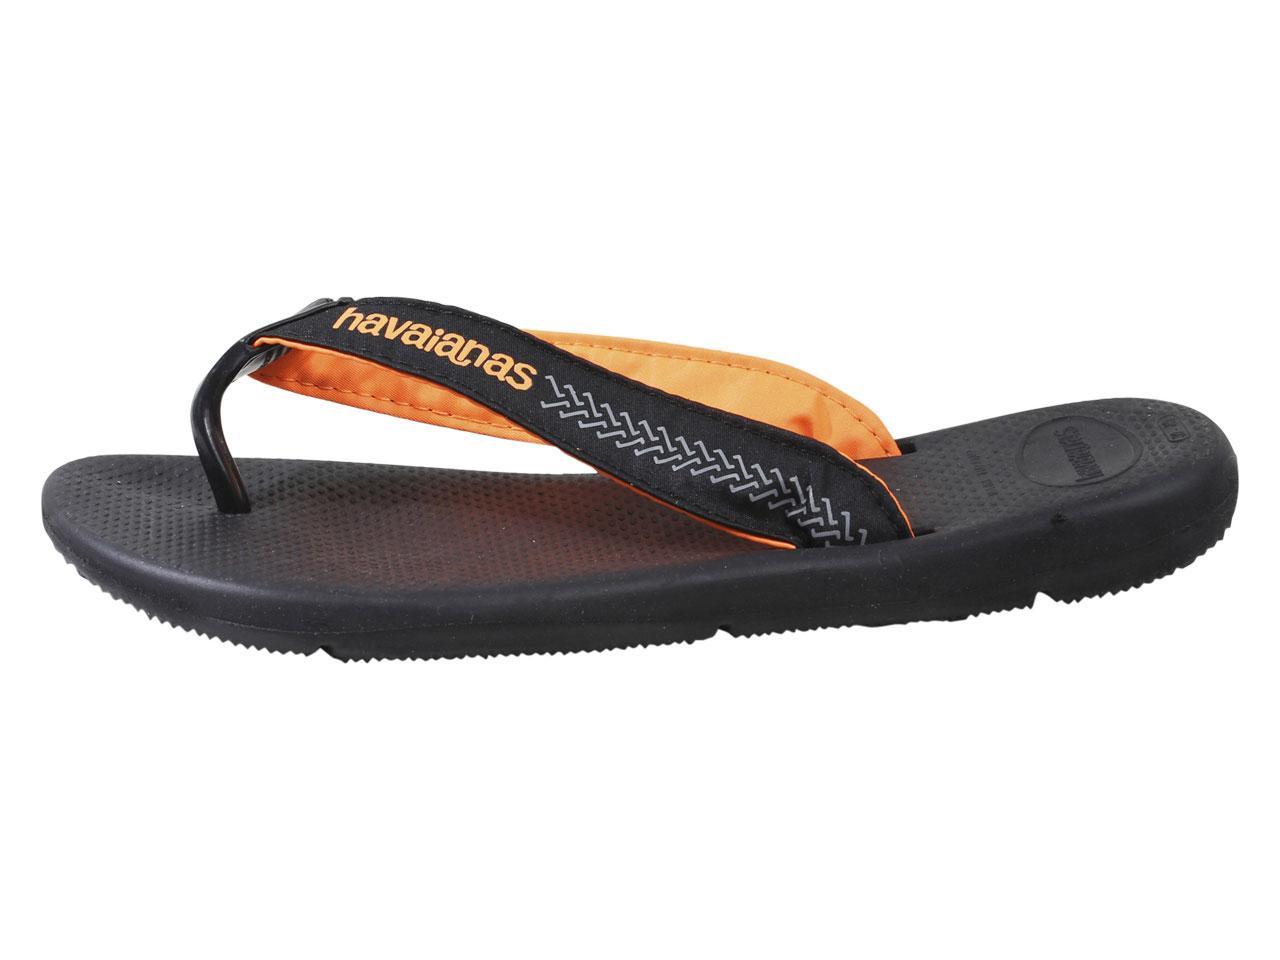 Havaianas-Men-039-s-Surf-Pro-Flip-Flops-Sandals-Shoes miniature 10